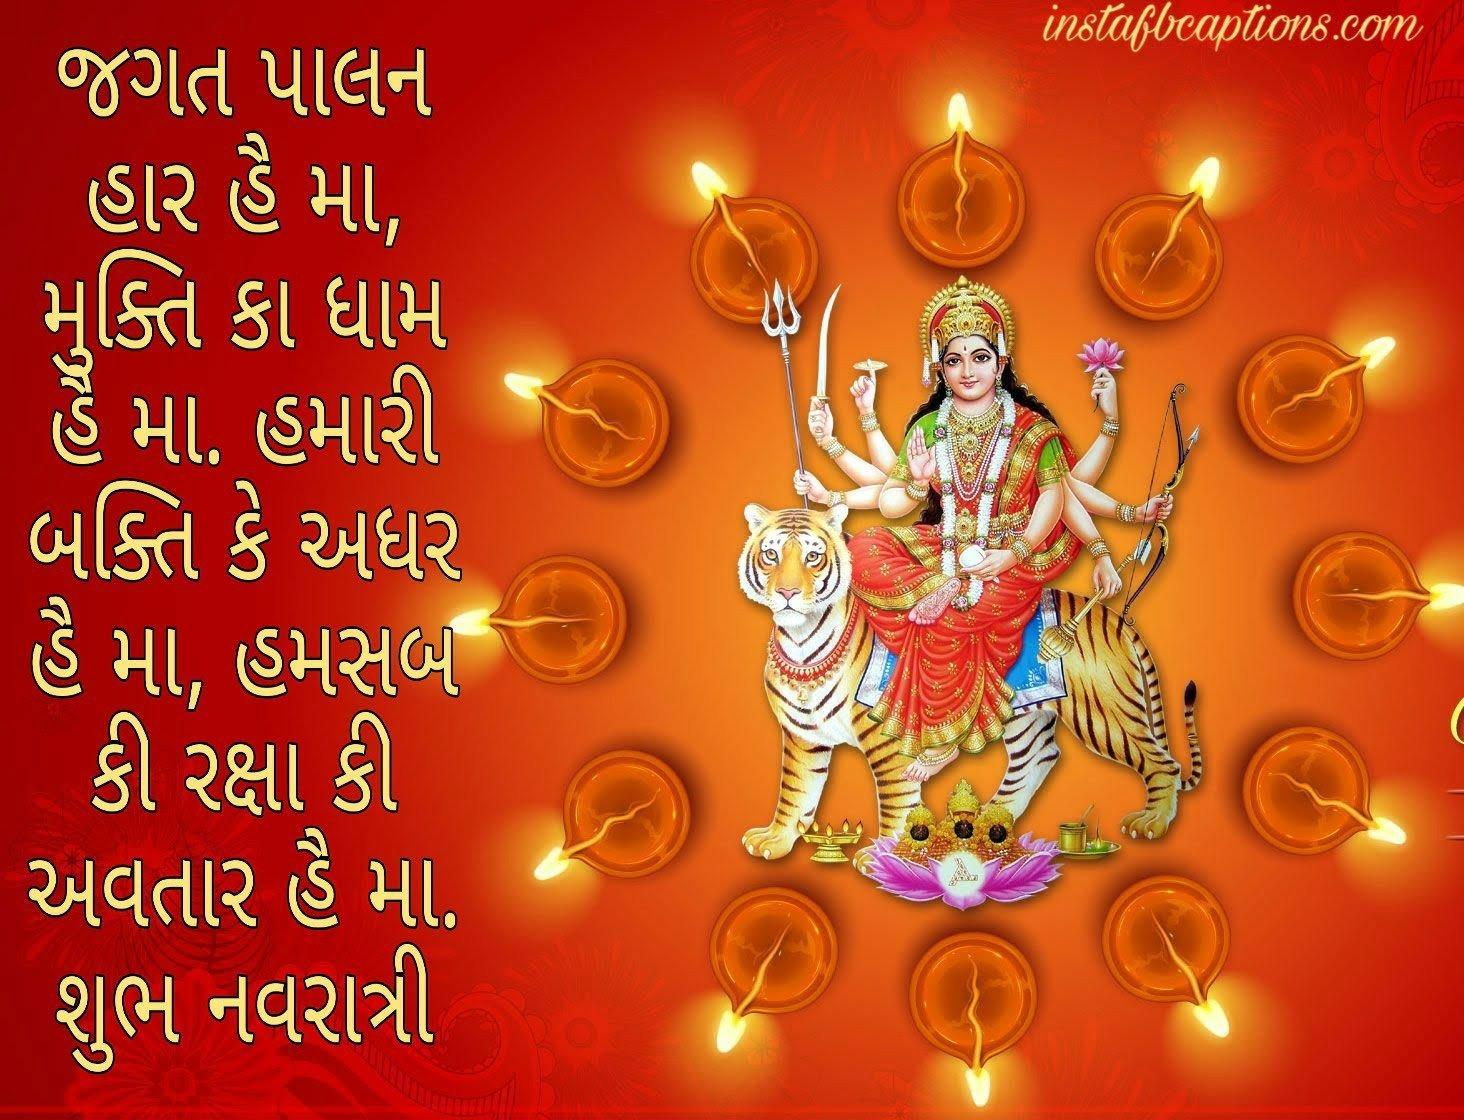 Gujarati Navratri Captions  - Gujarati Navratri Captions - 120+ NAVRATRI Captions for your Navratri Outfit Instagram Post 2021